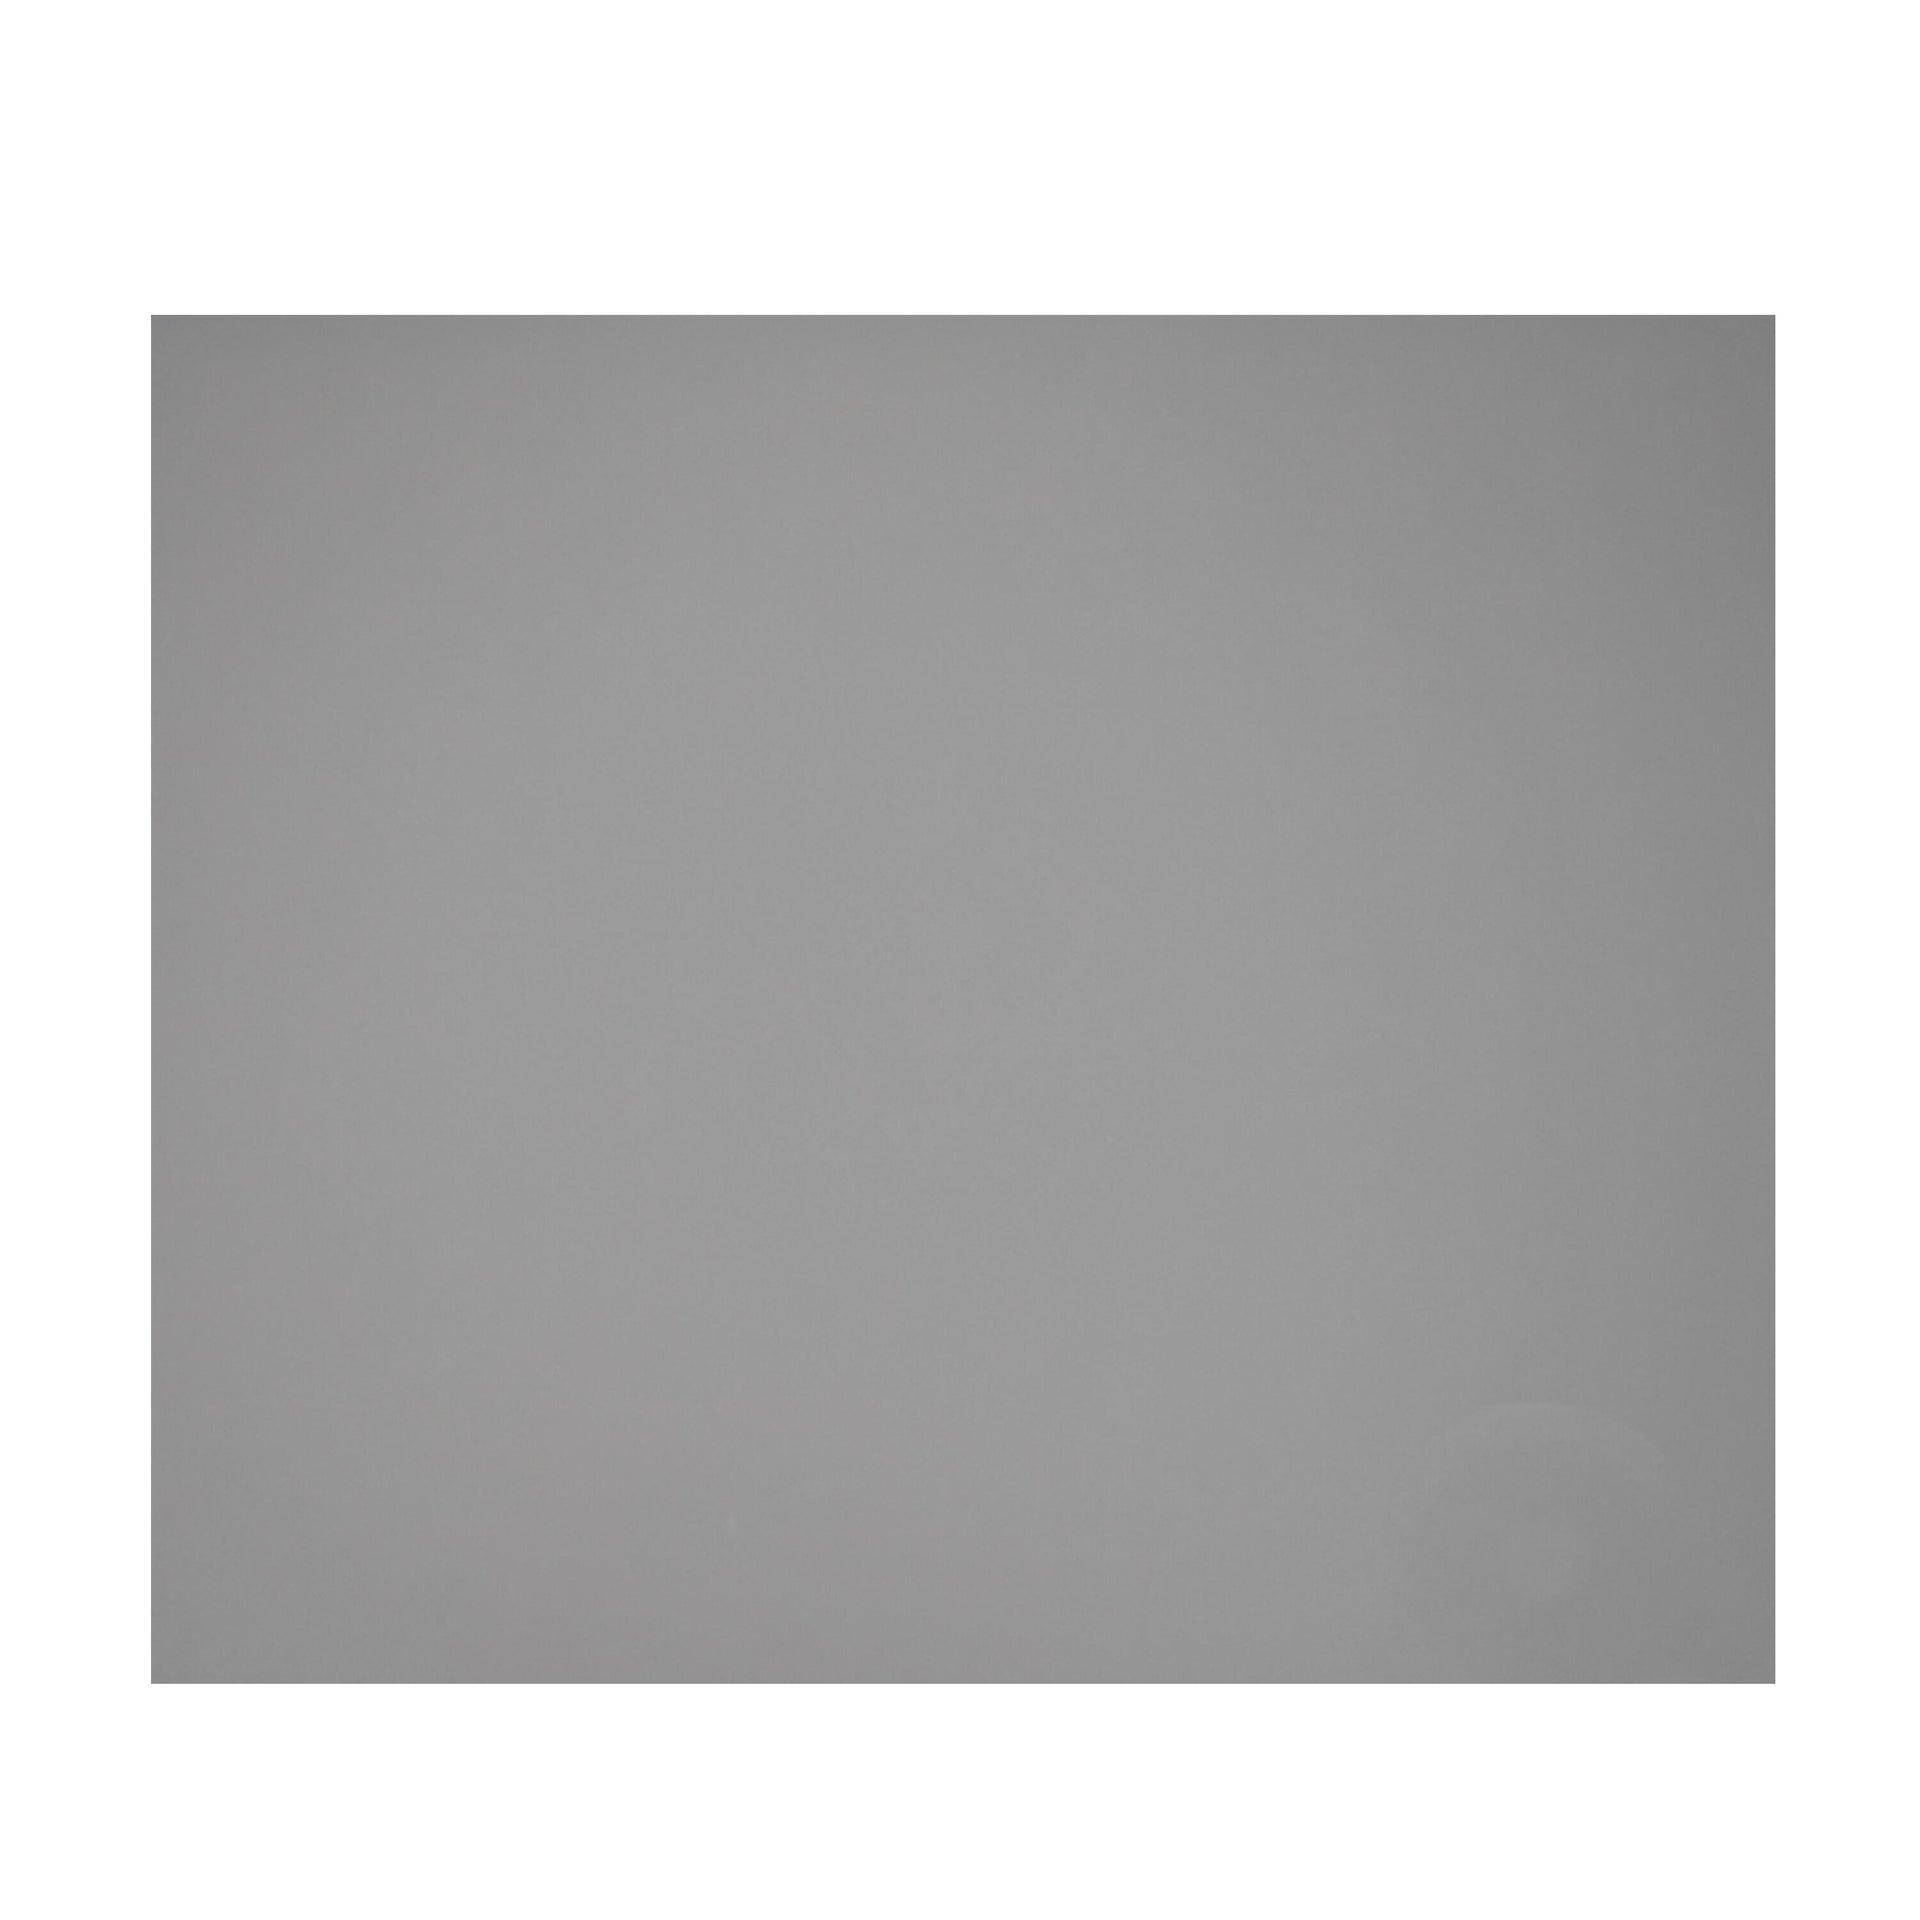 Tavolo da giardino rettangolare con piano in metallo L 90 x P 150 cm - 9